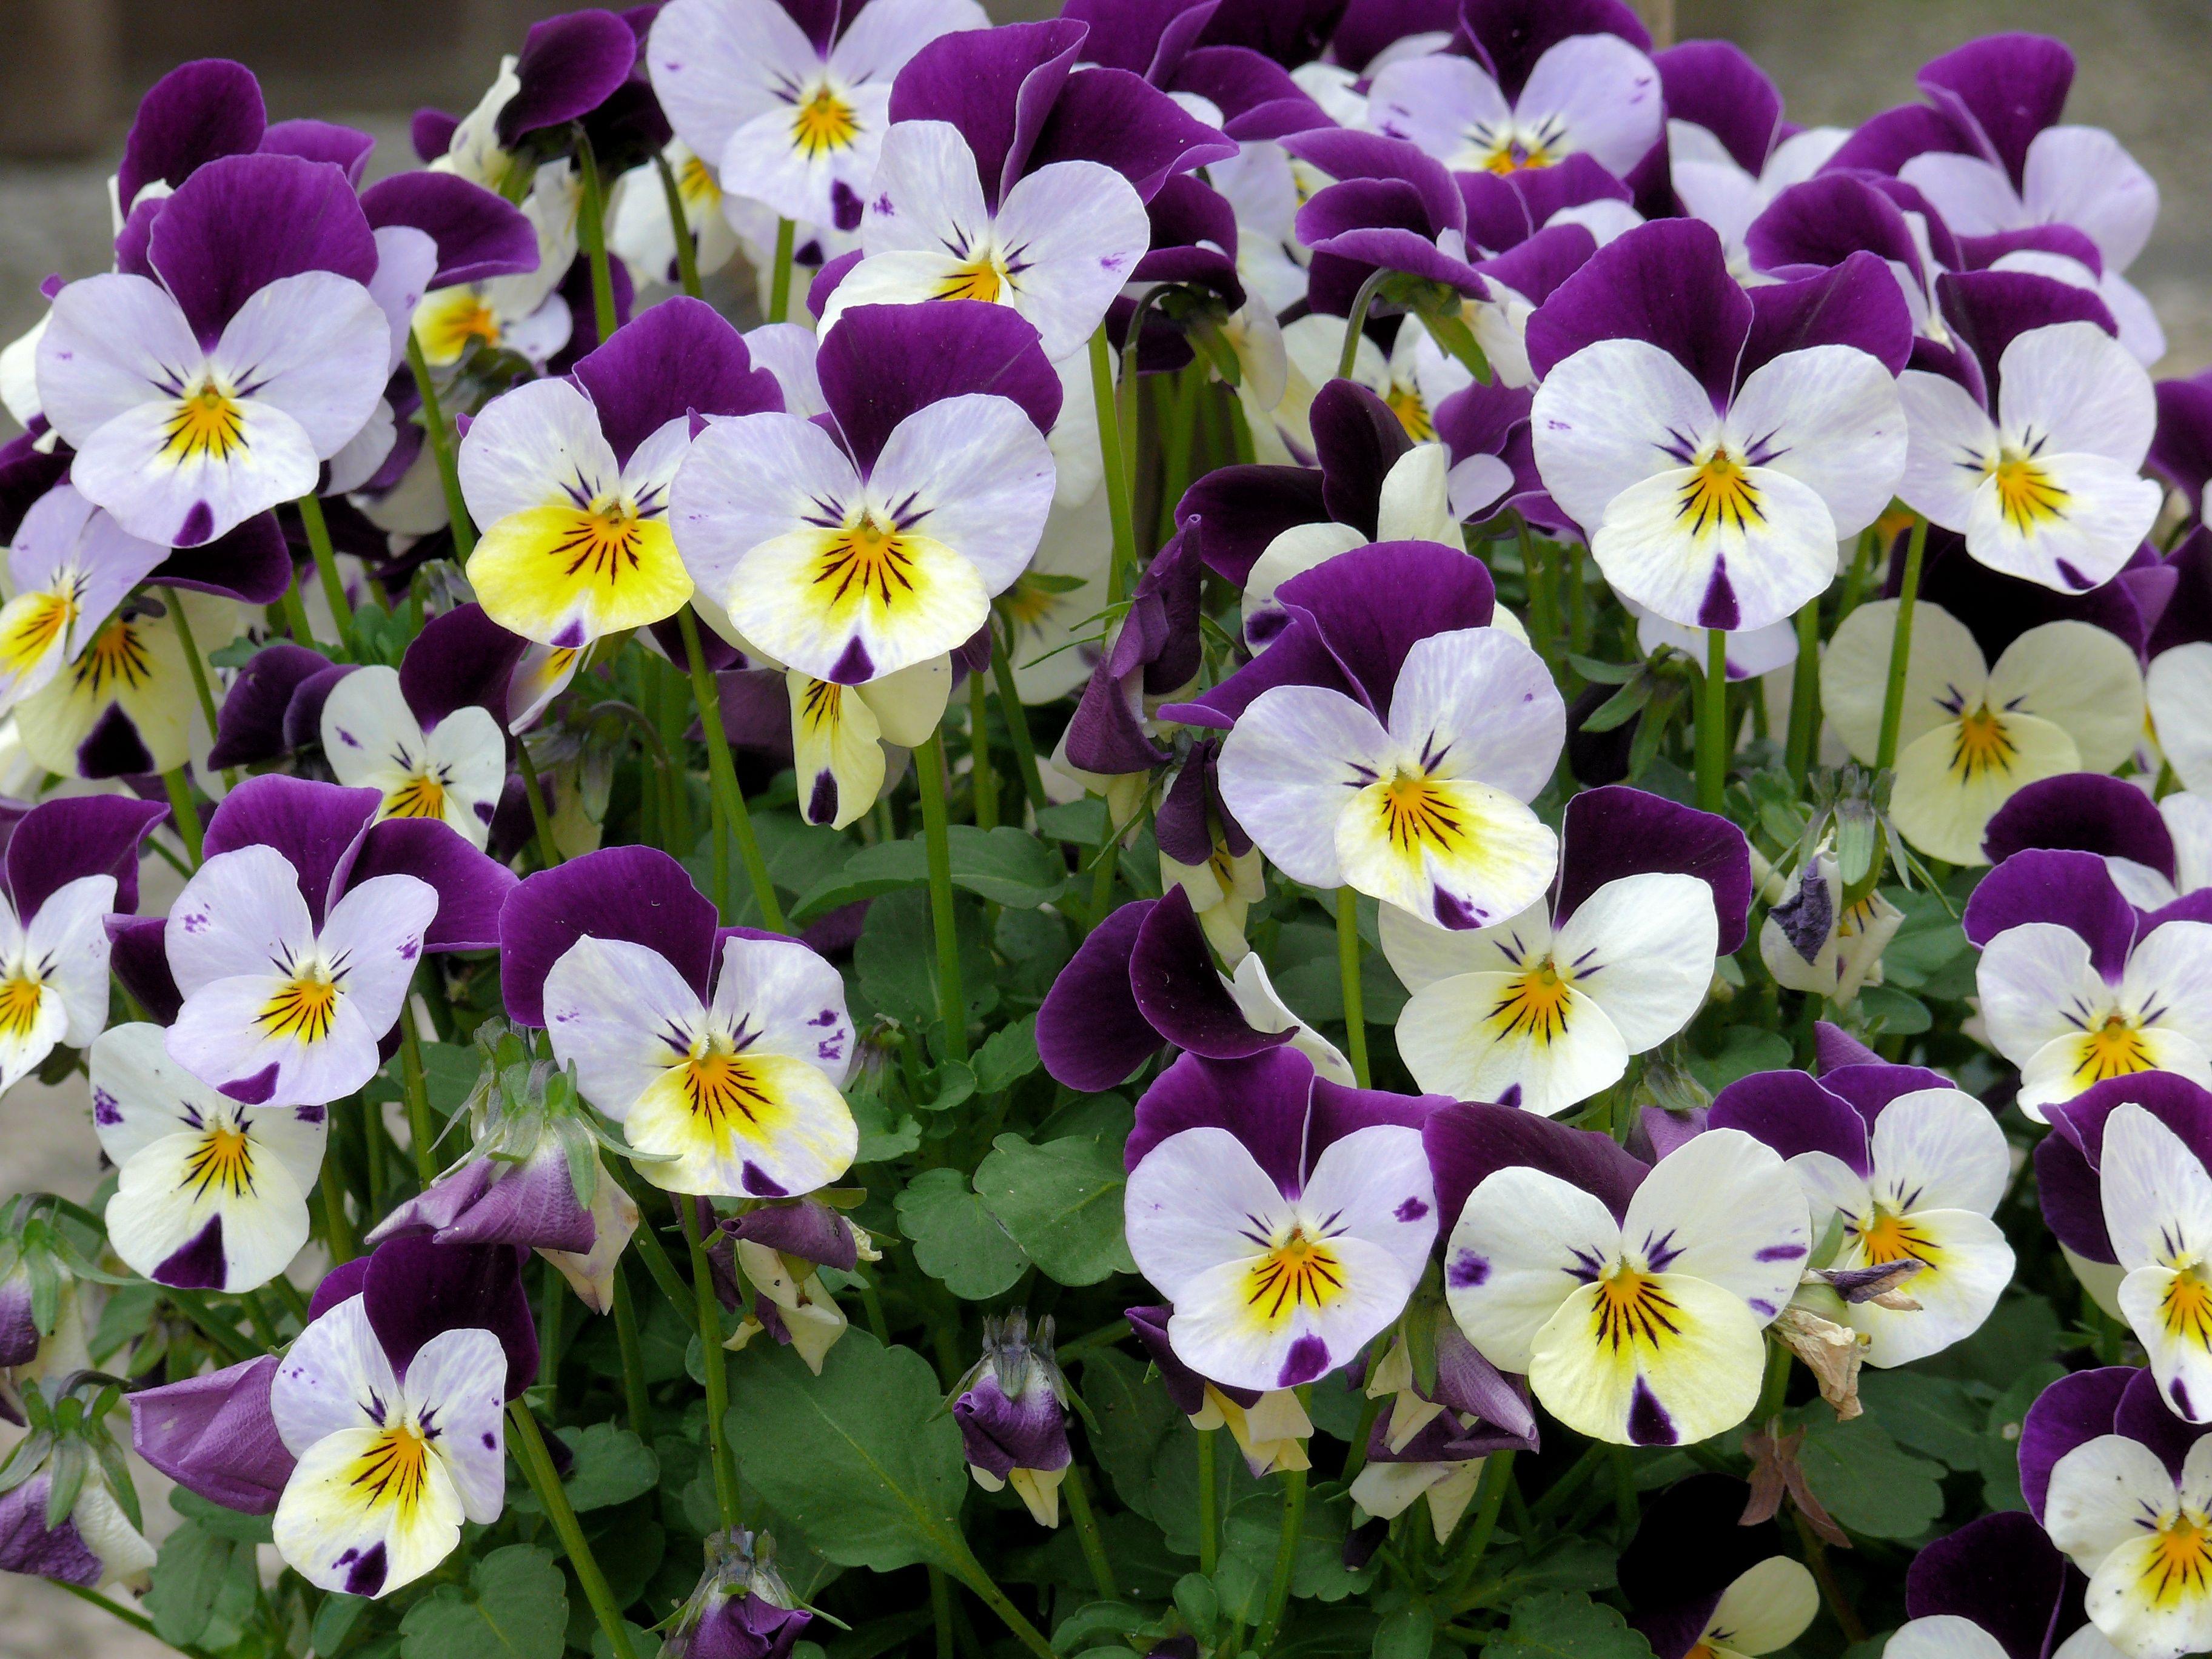 Images gratuites blanc fleur violet p tale printemps jardin flore violettes alto - Image fleur violette gratuite ...